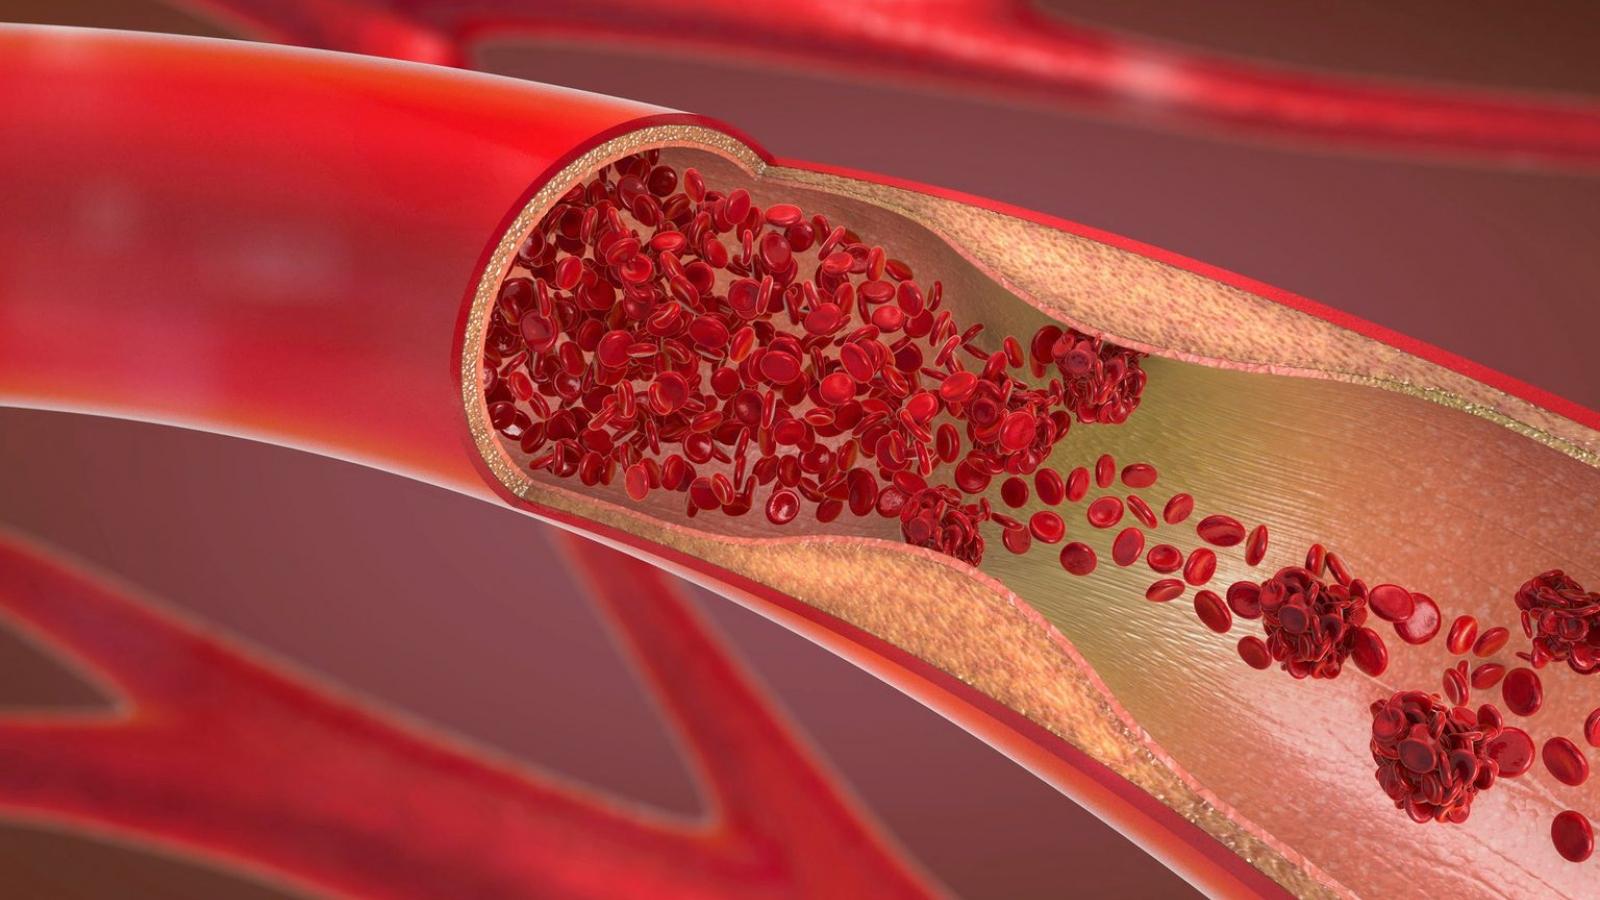 7 dấu hiệu cảnh báo có cục máu đông trong cơ thể bạn